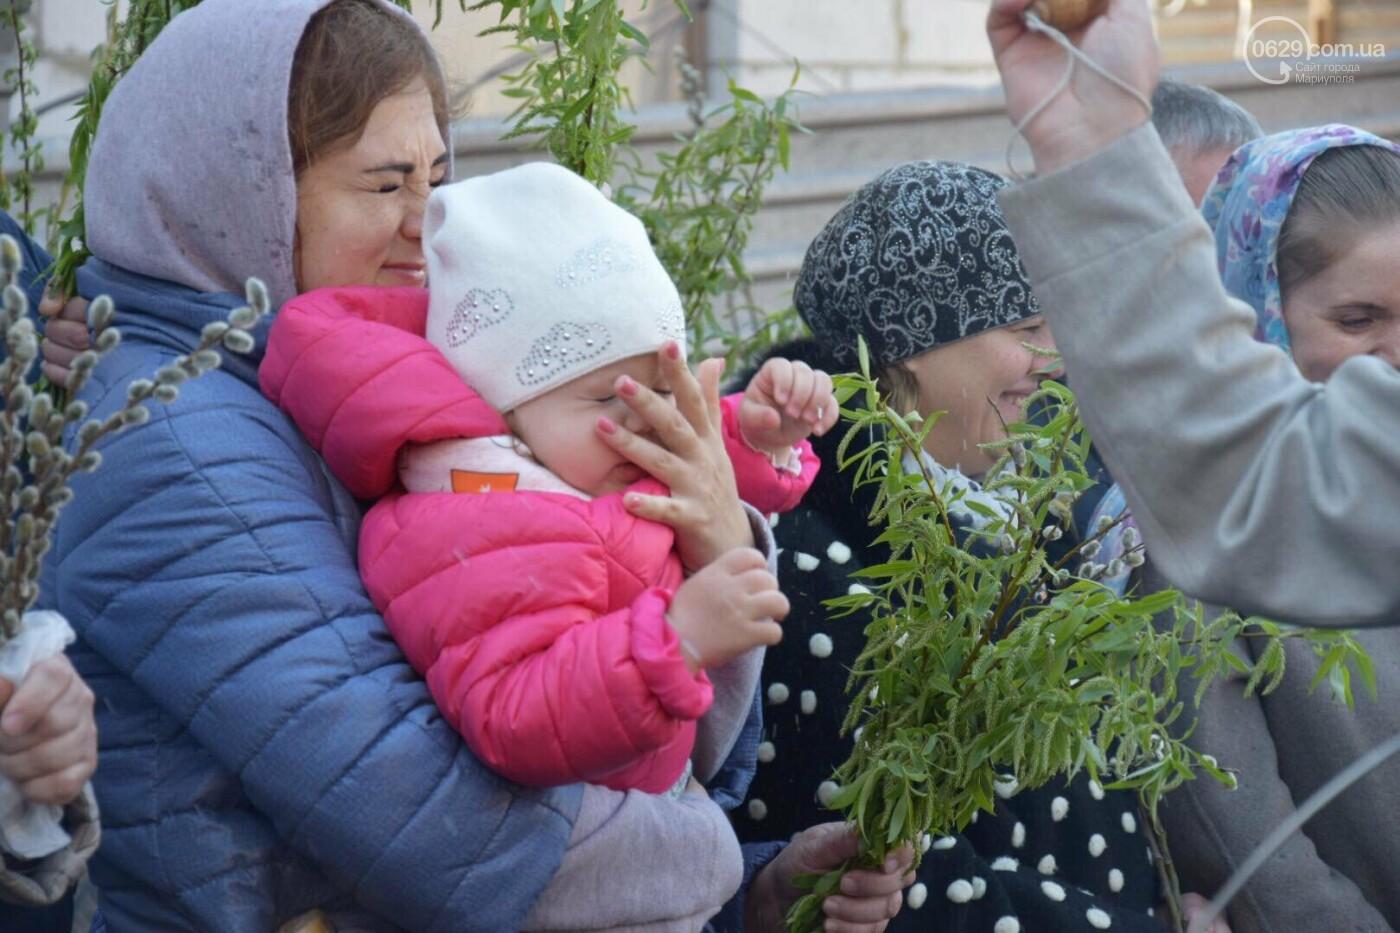 Выборы и верба: как Мариуполь празднует православный праздник, - ФОТОРЕПОРТАЖ, фото-20